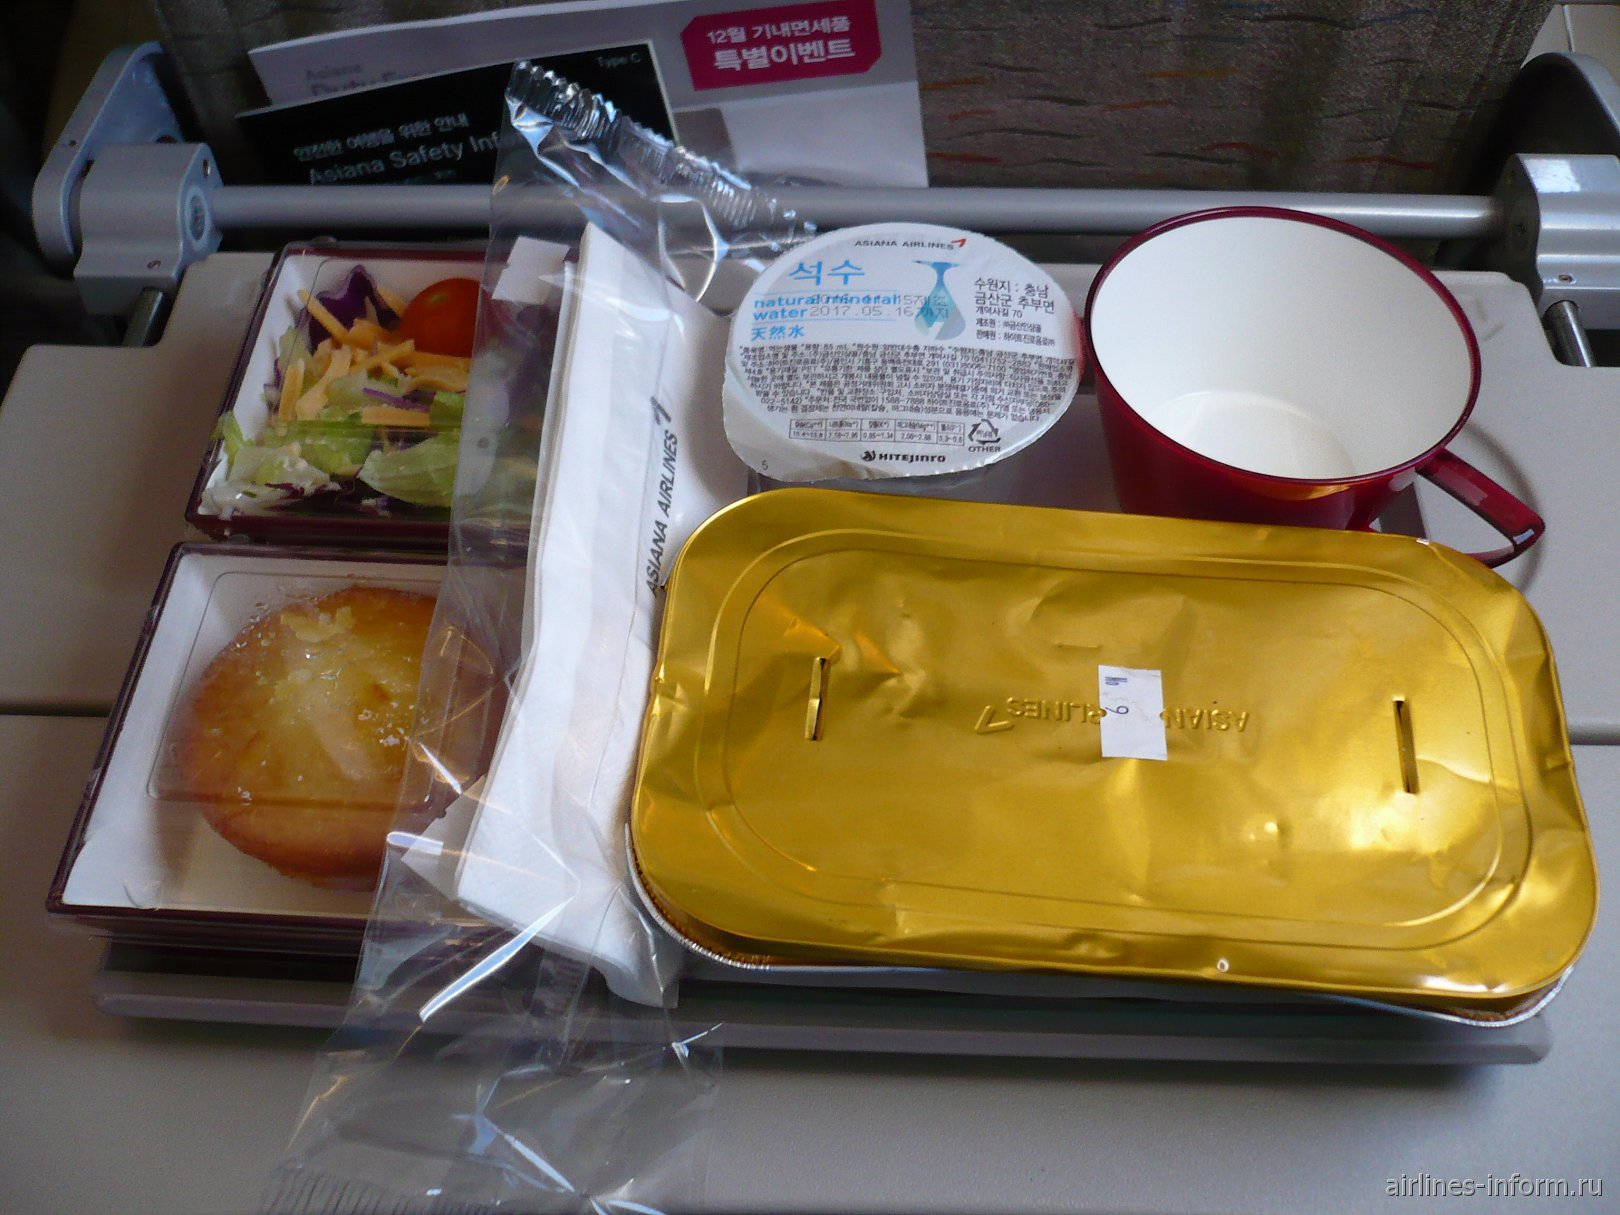 Началось самое интересное-обслуживание пассажиров. Поскольку полет по времени составлял более 3.5. часов, было предложено горячее питание и прохладительные напитки.